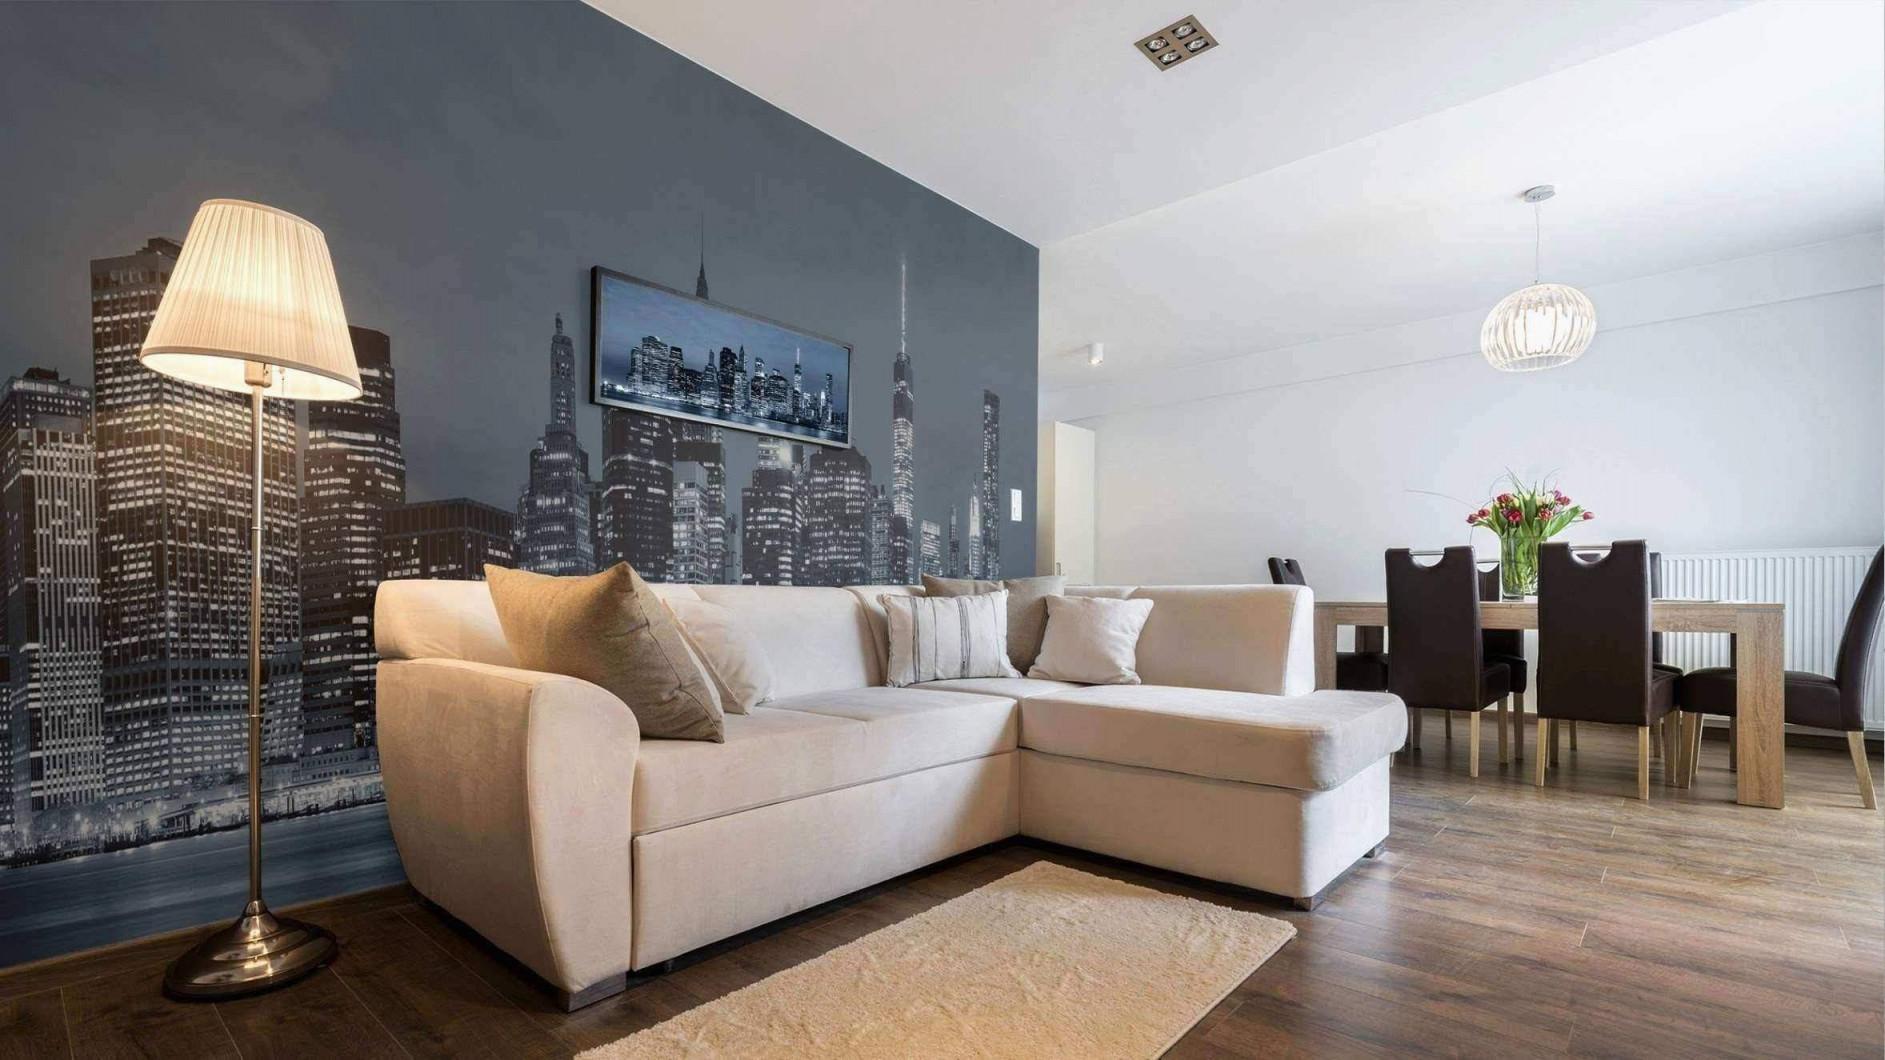 Großes Wohnzimmer Einrichten Elegant Genial Weißes von Großes Wohnzimmer Einrichten Bilder Photo